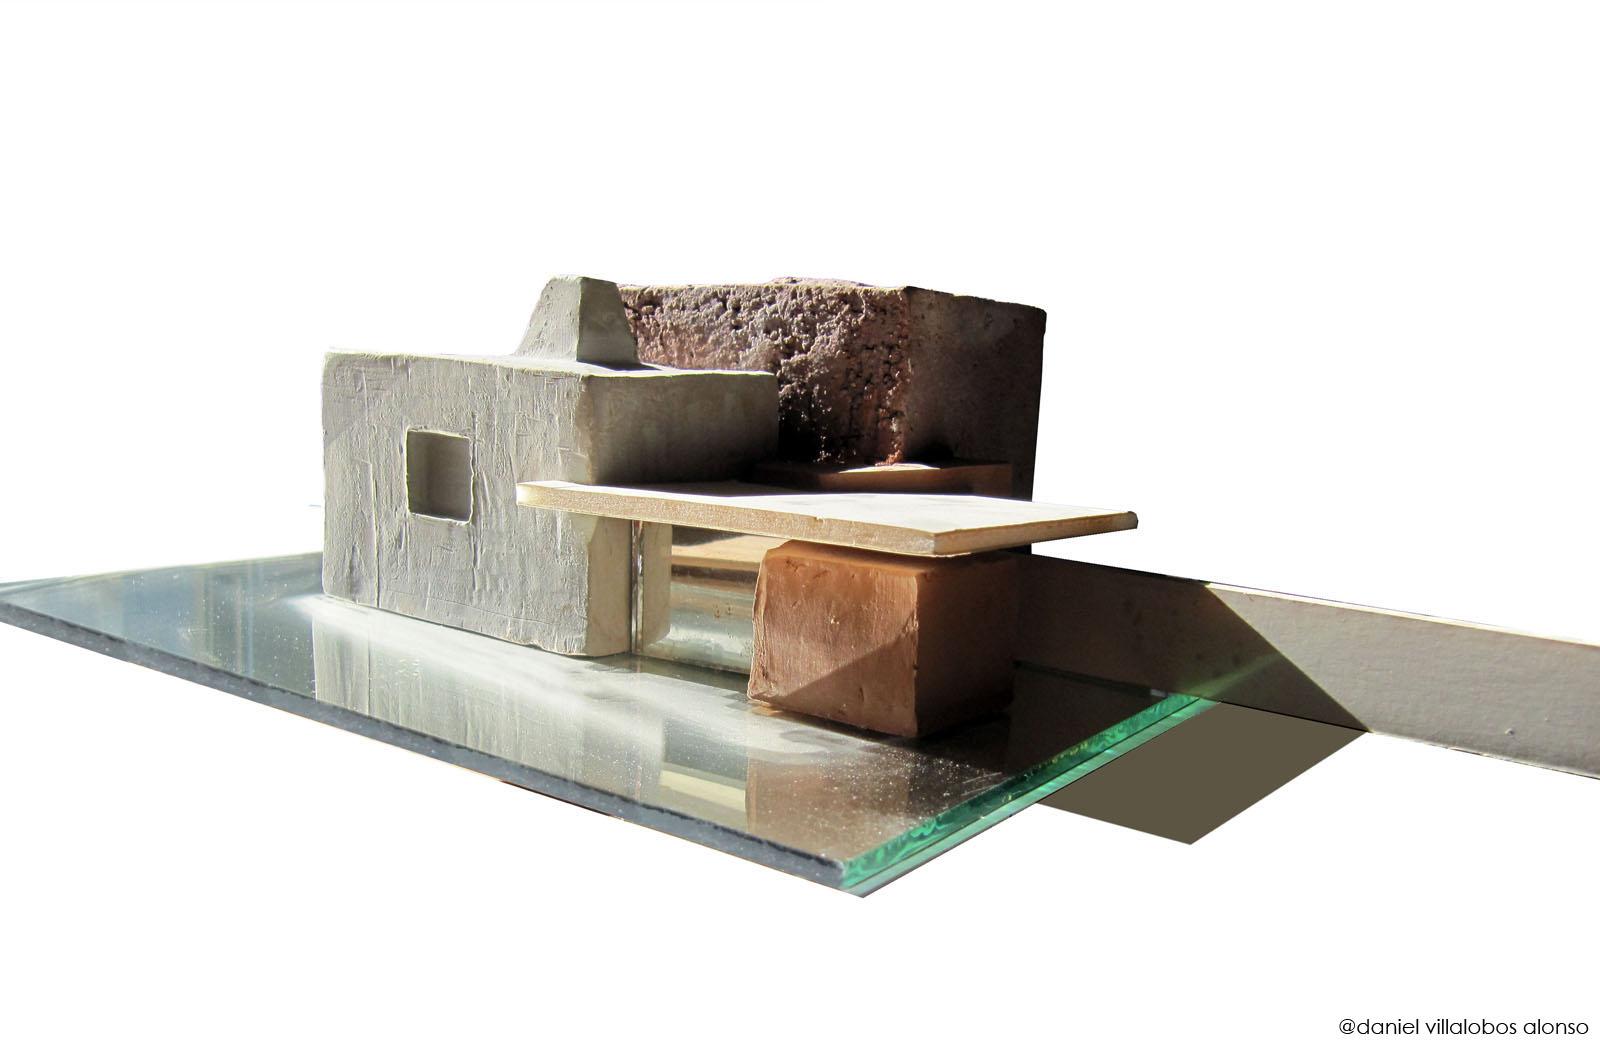 danielvillalobos-spanish-architecturexxthcentury-stonearchitecture-spanisharchitecturemodern-8